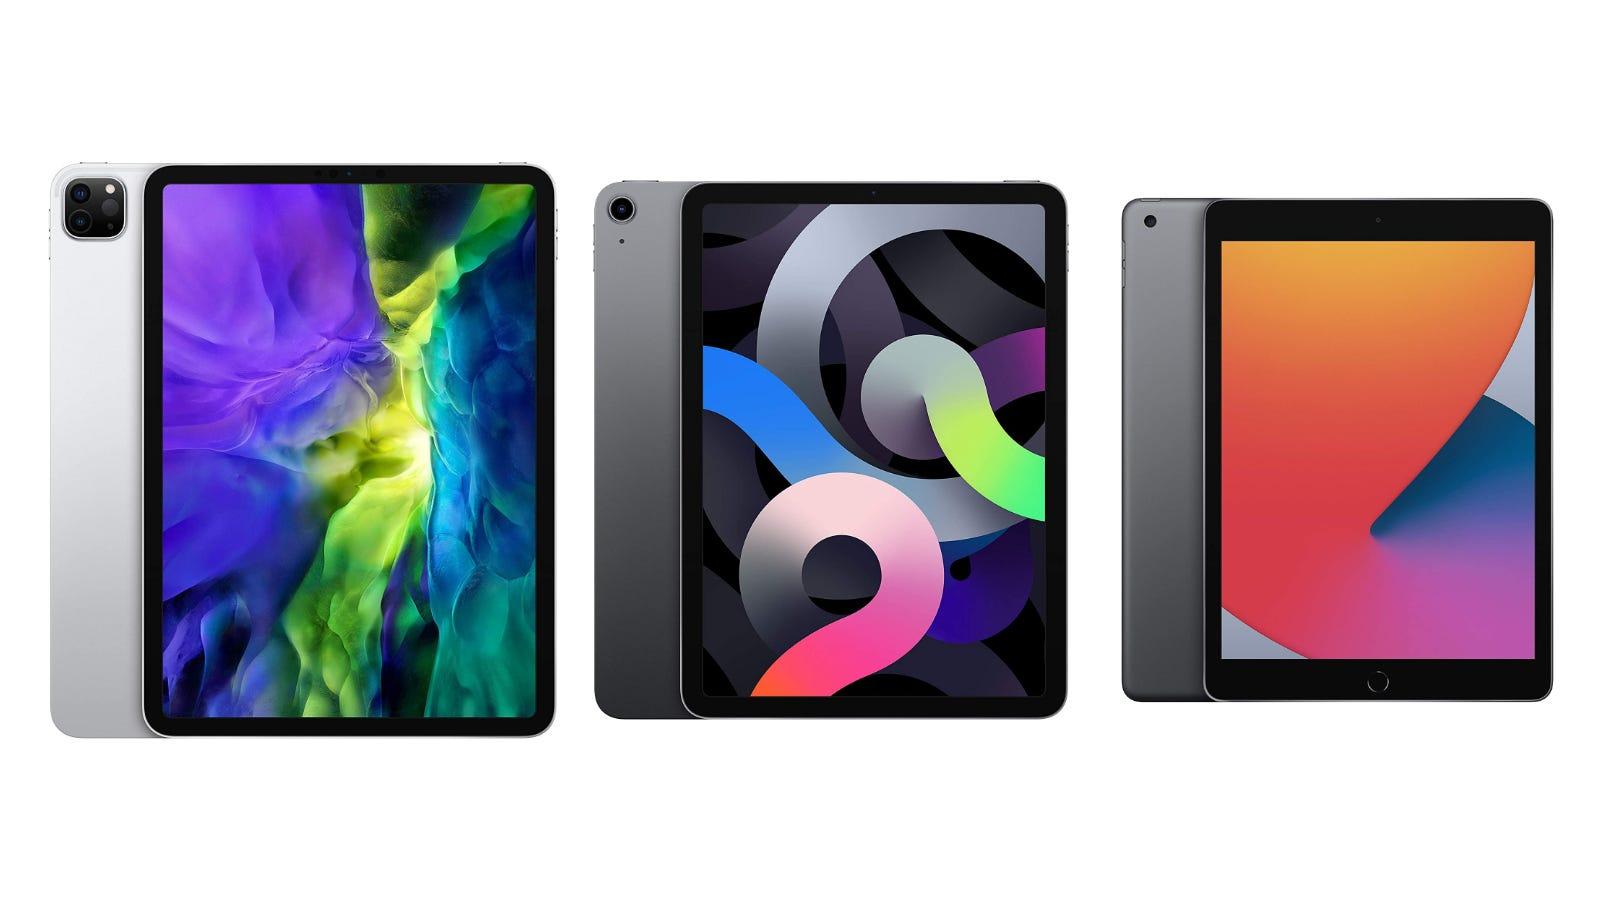 iPad Pro, iPad Air, and iPad